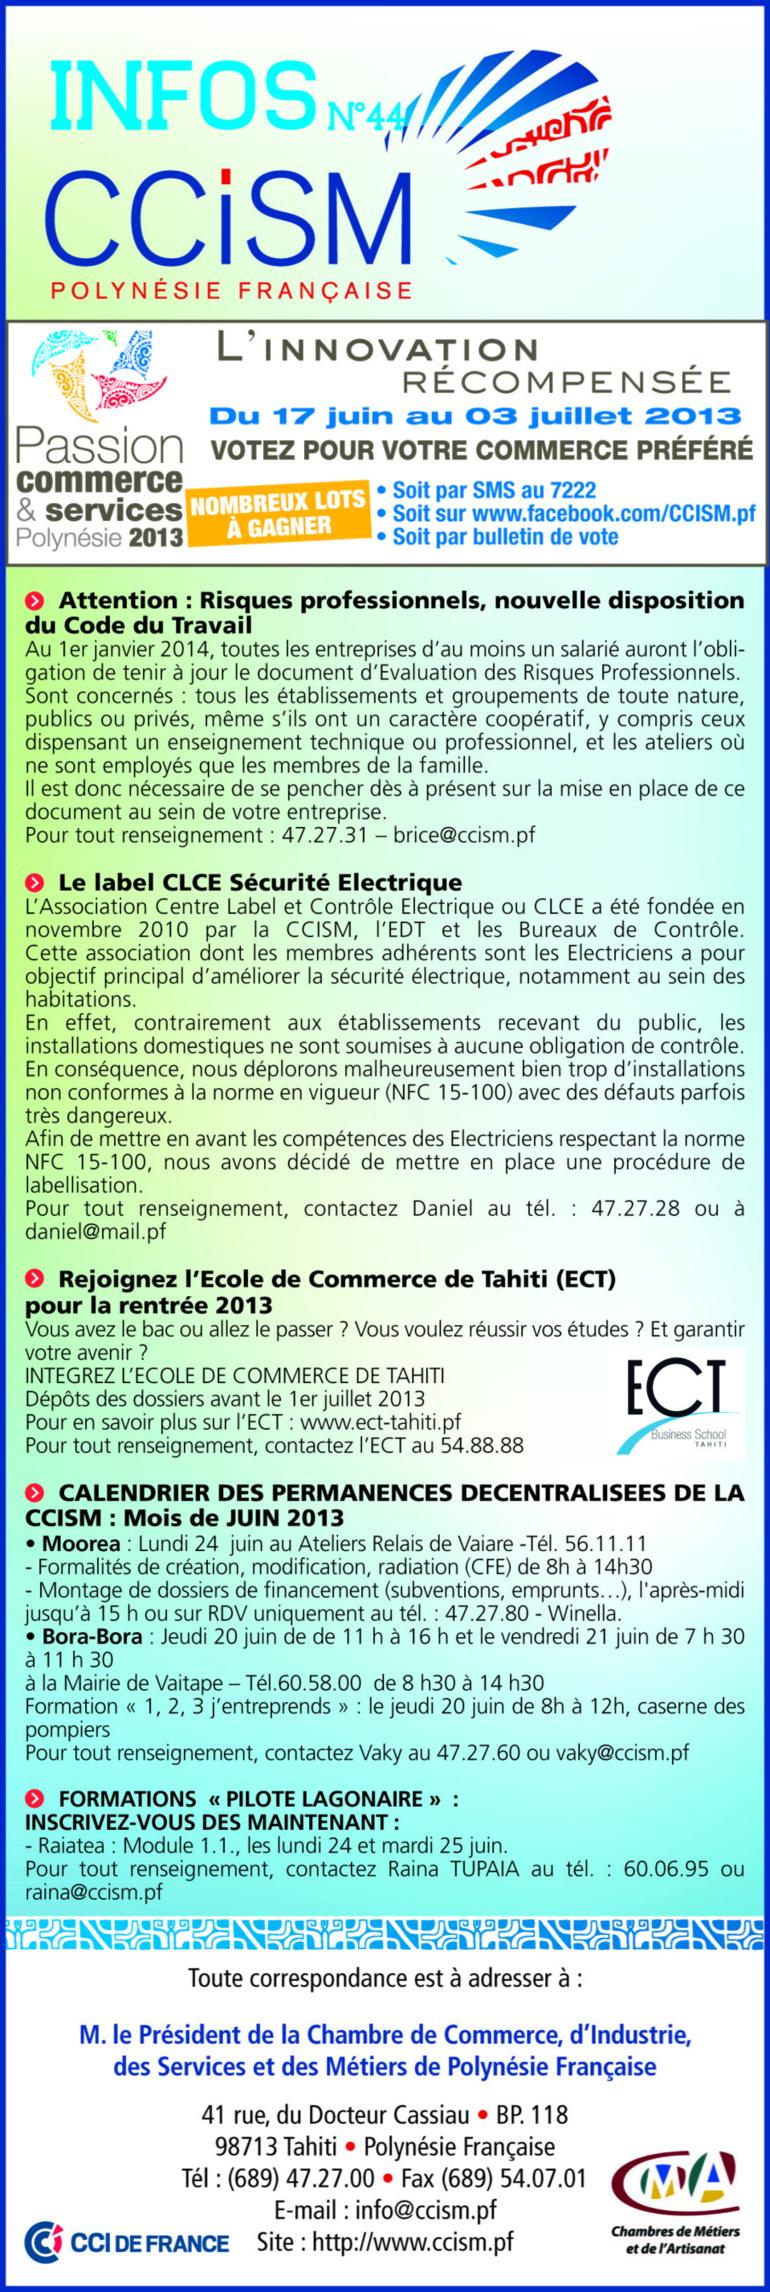 Infos CCISM N°44